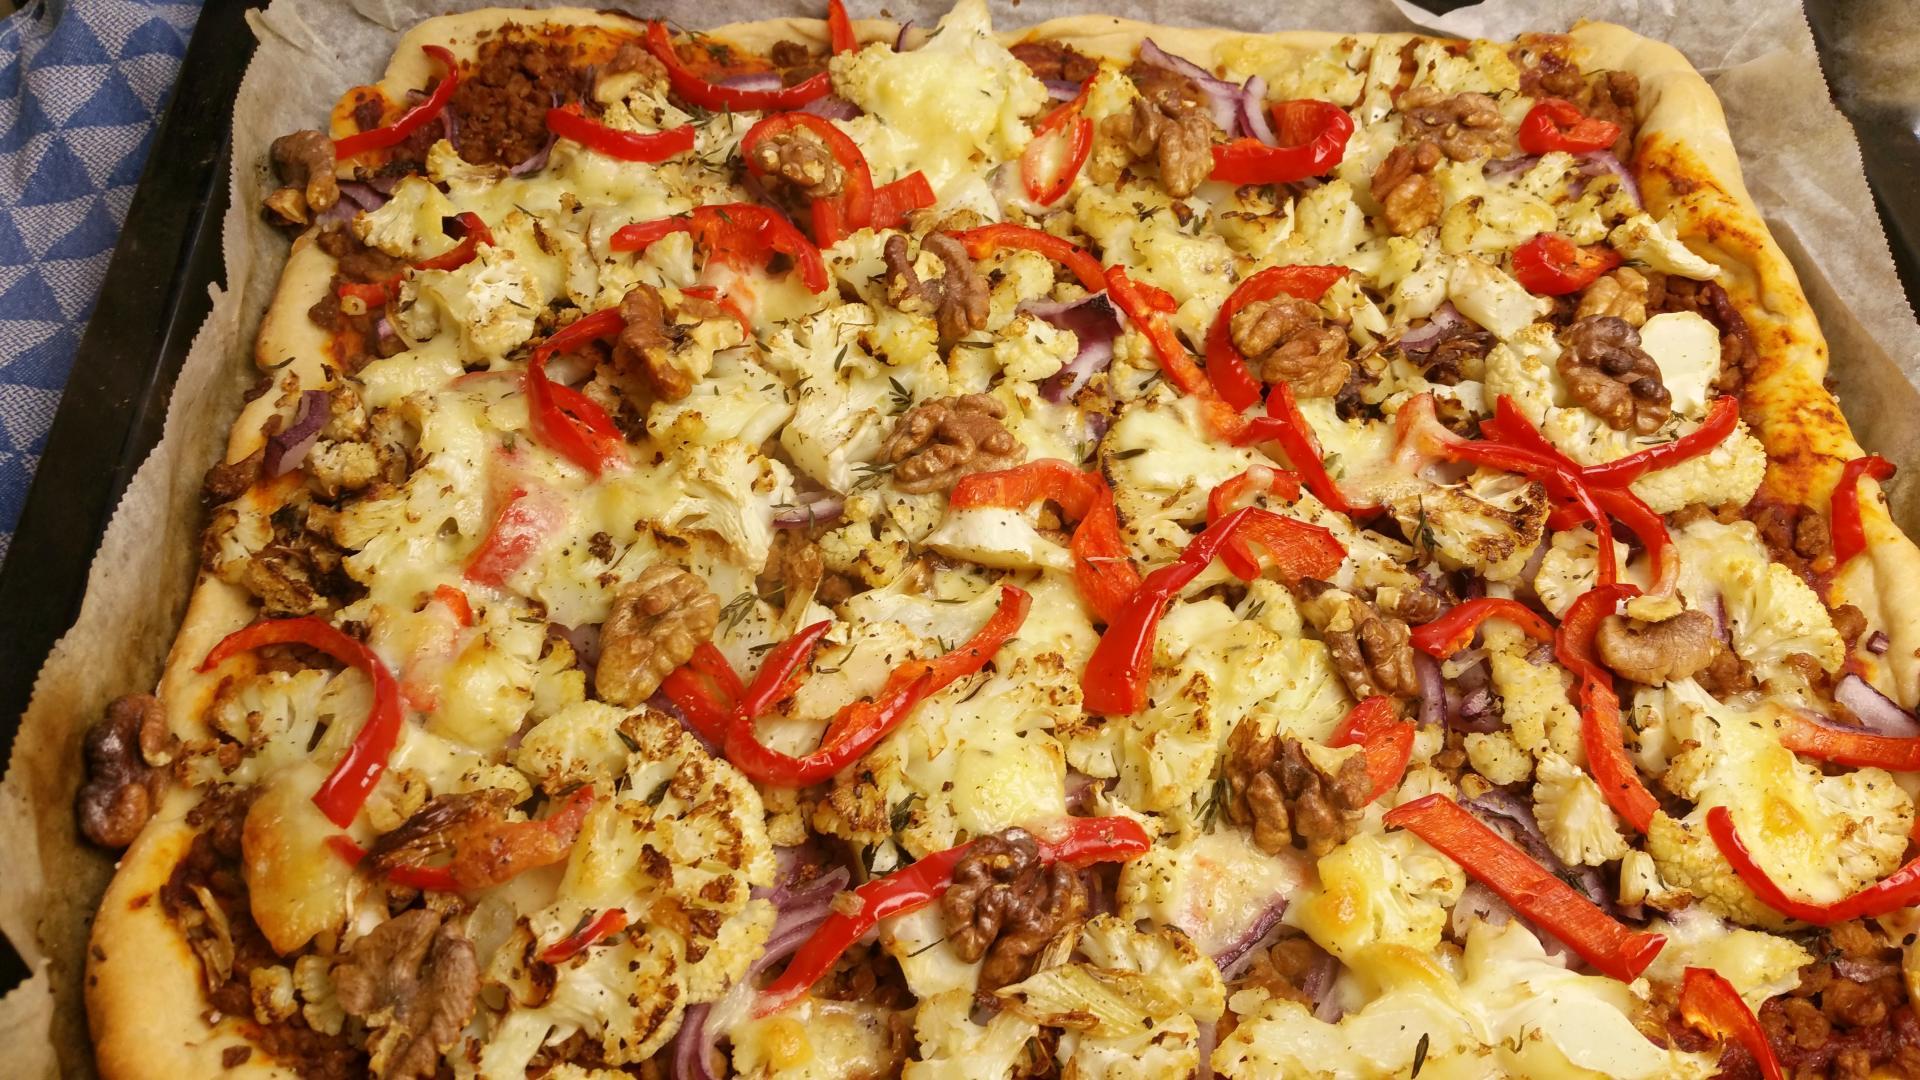 Uitgelichte foto voor het bericht Bloemkoolpizza met tijm, paprika en gehakt